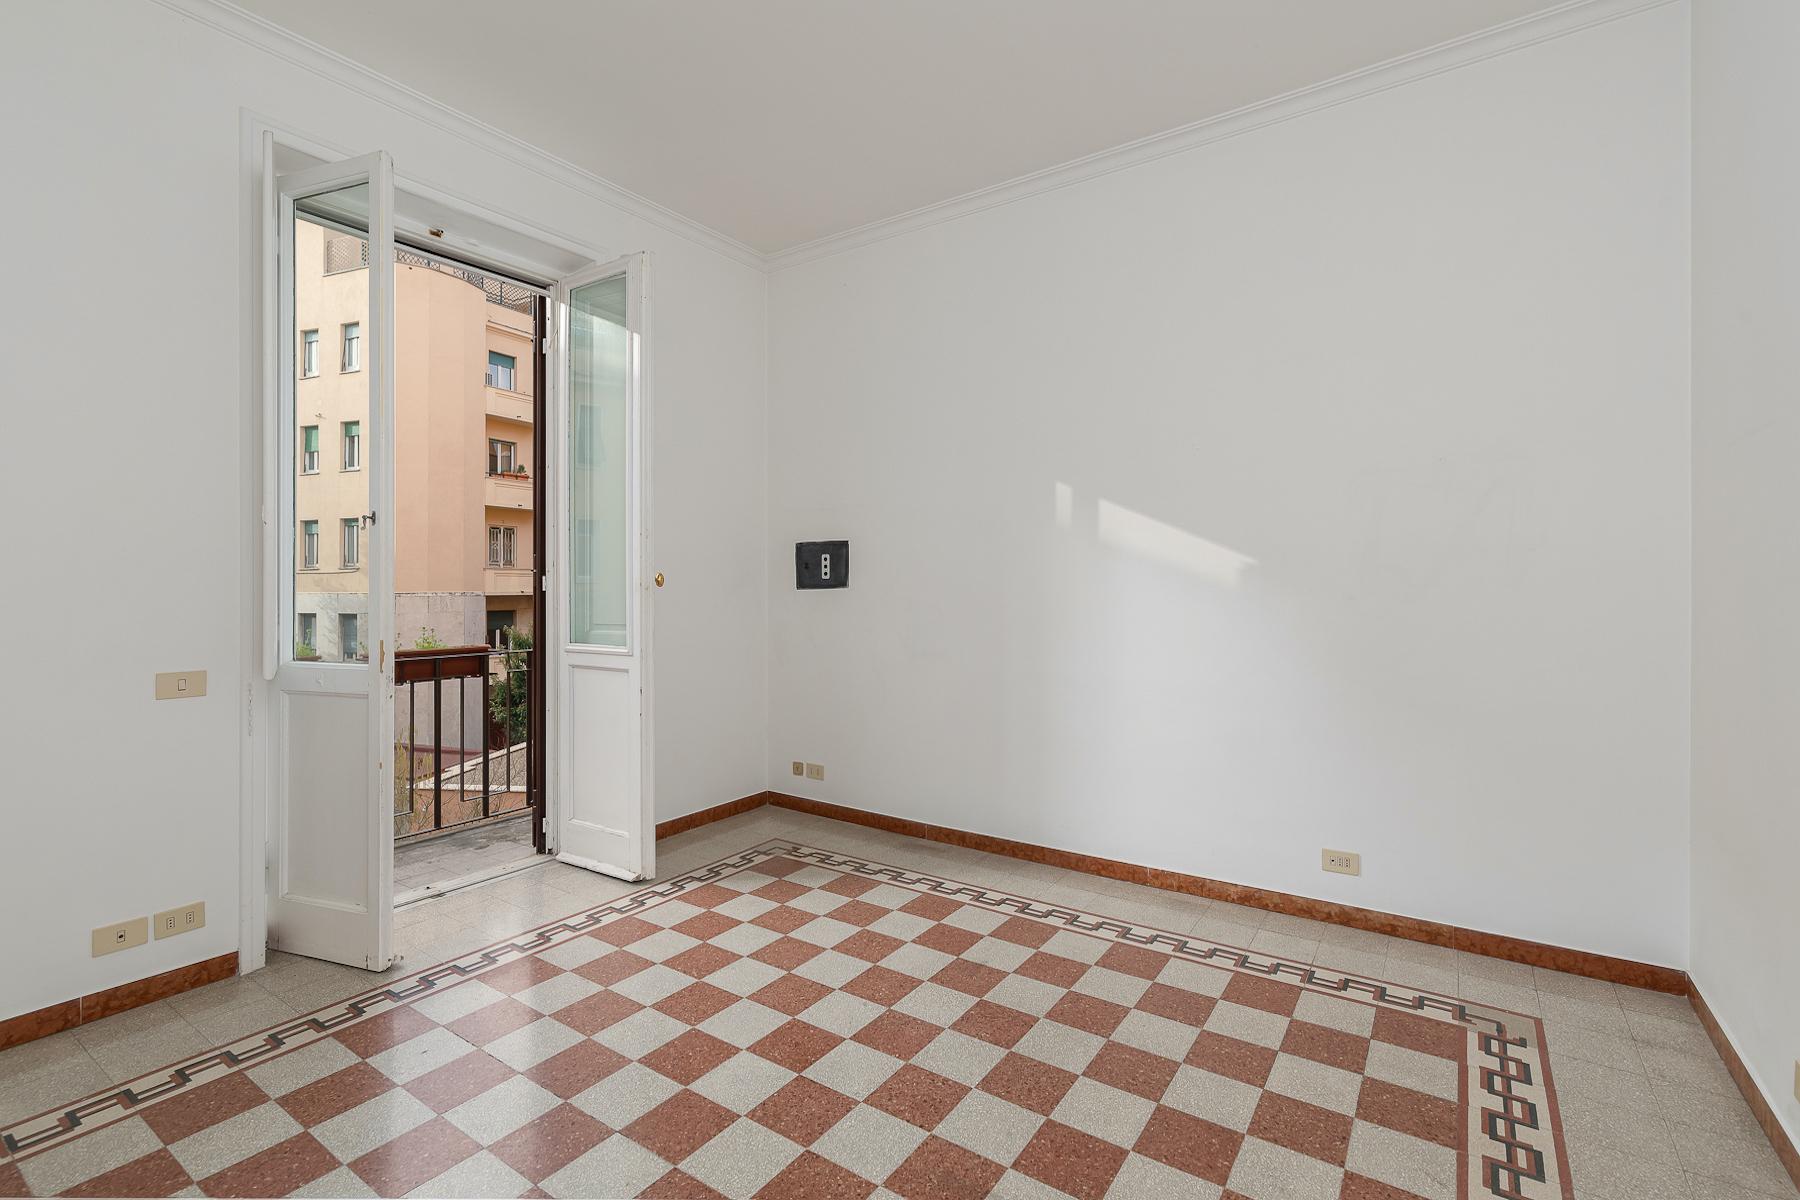 Appartamento in Vendita a Roma: 5 locali, 126 mq - Foto 8